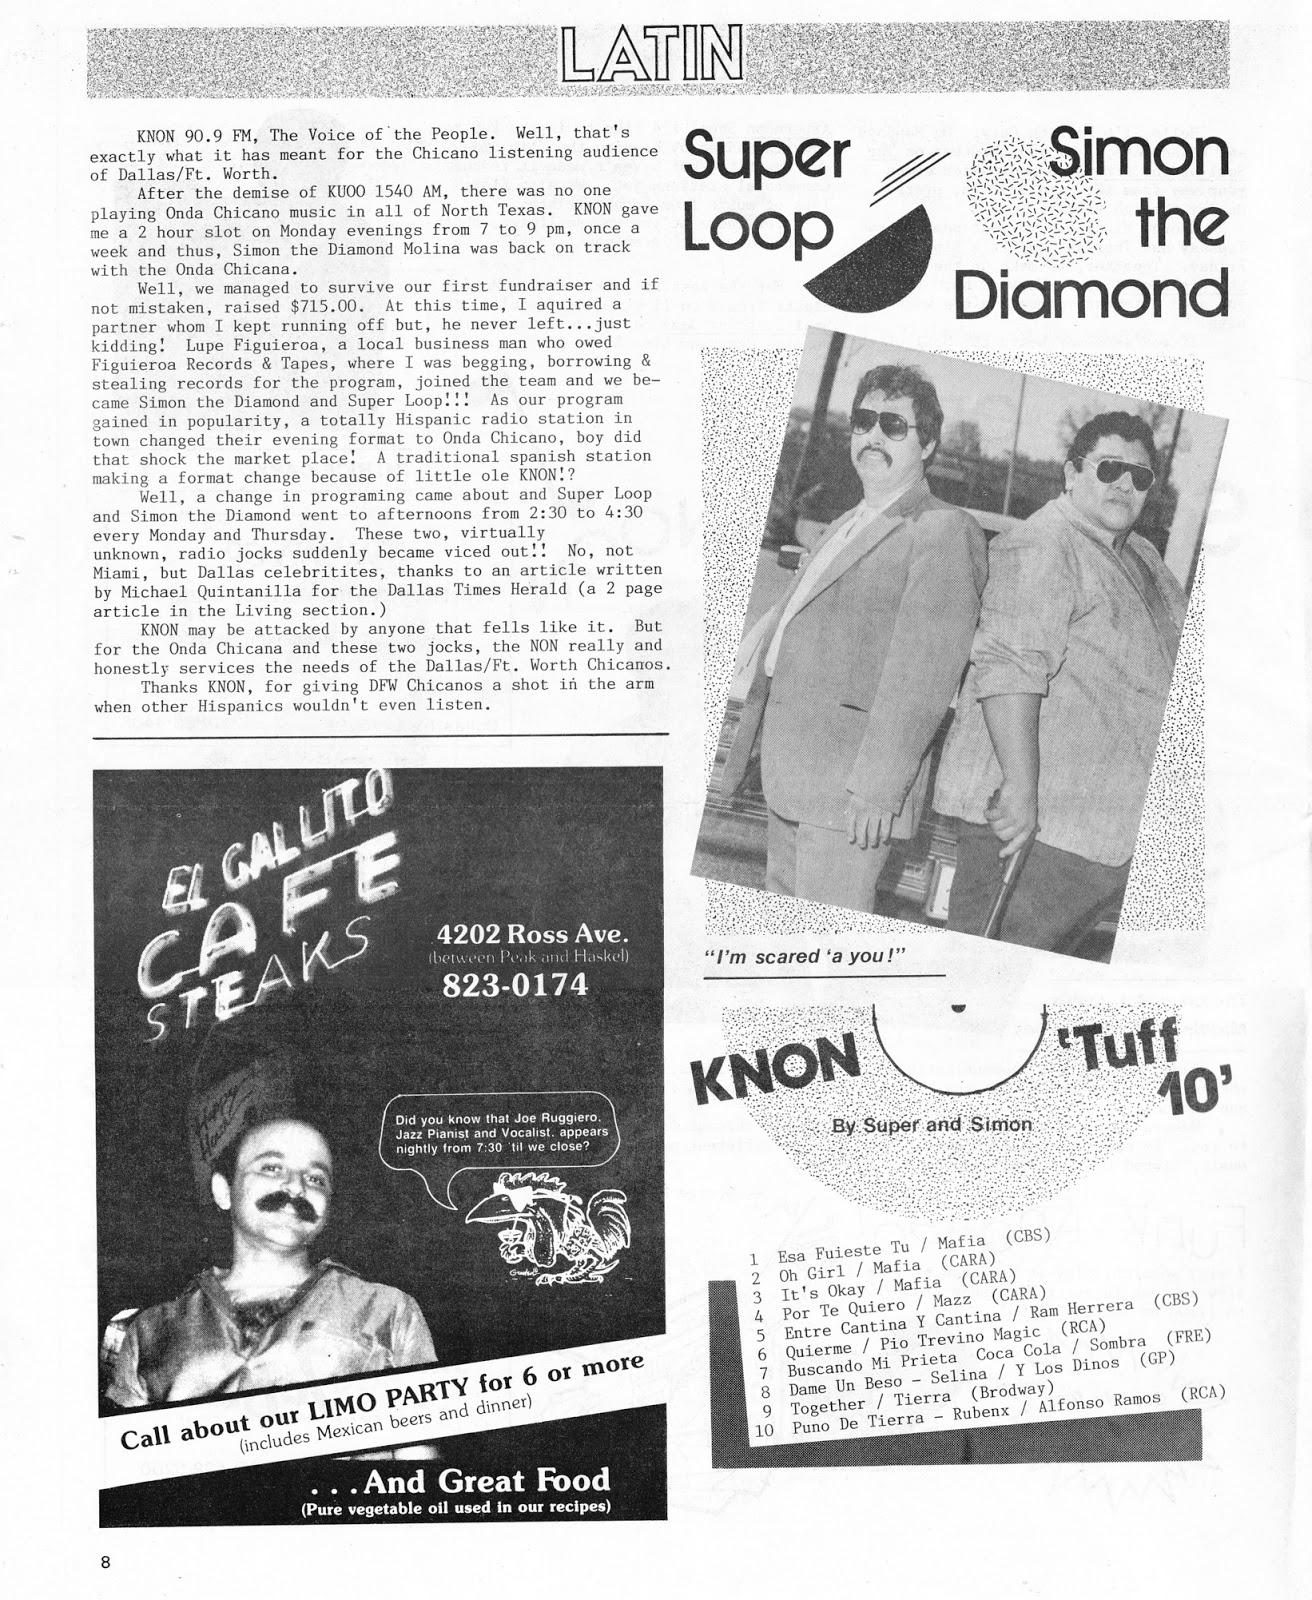 scrapbook-1986-issue-3-p08